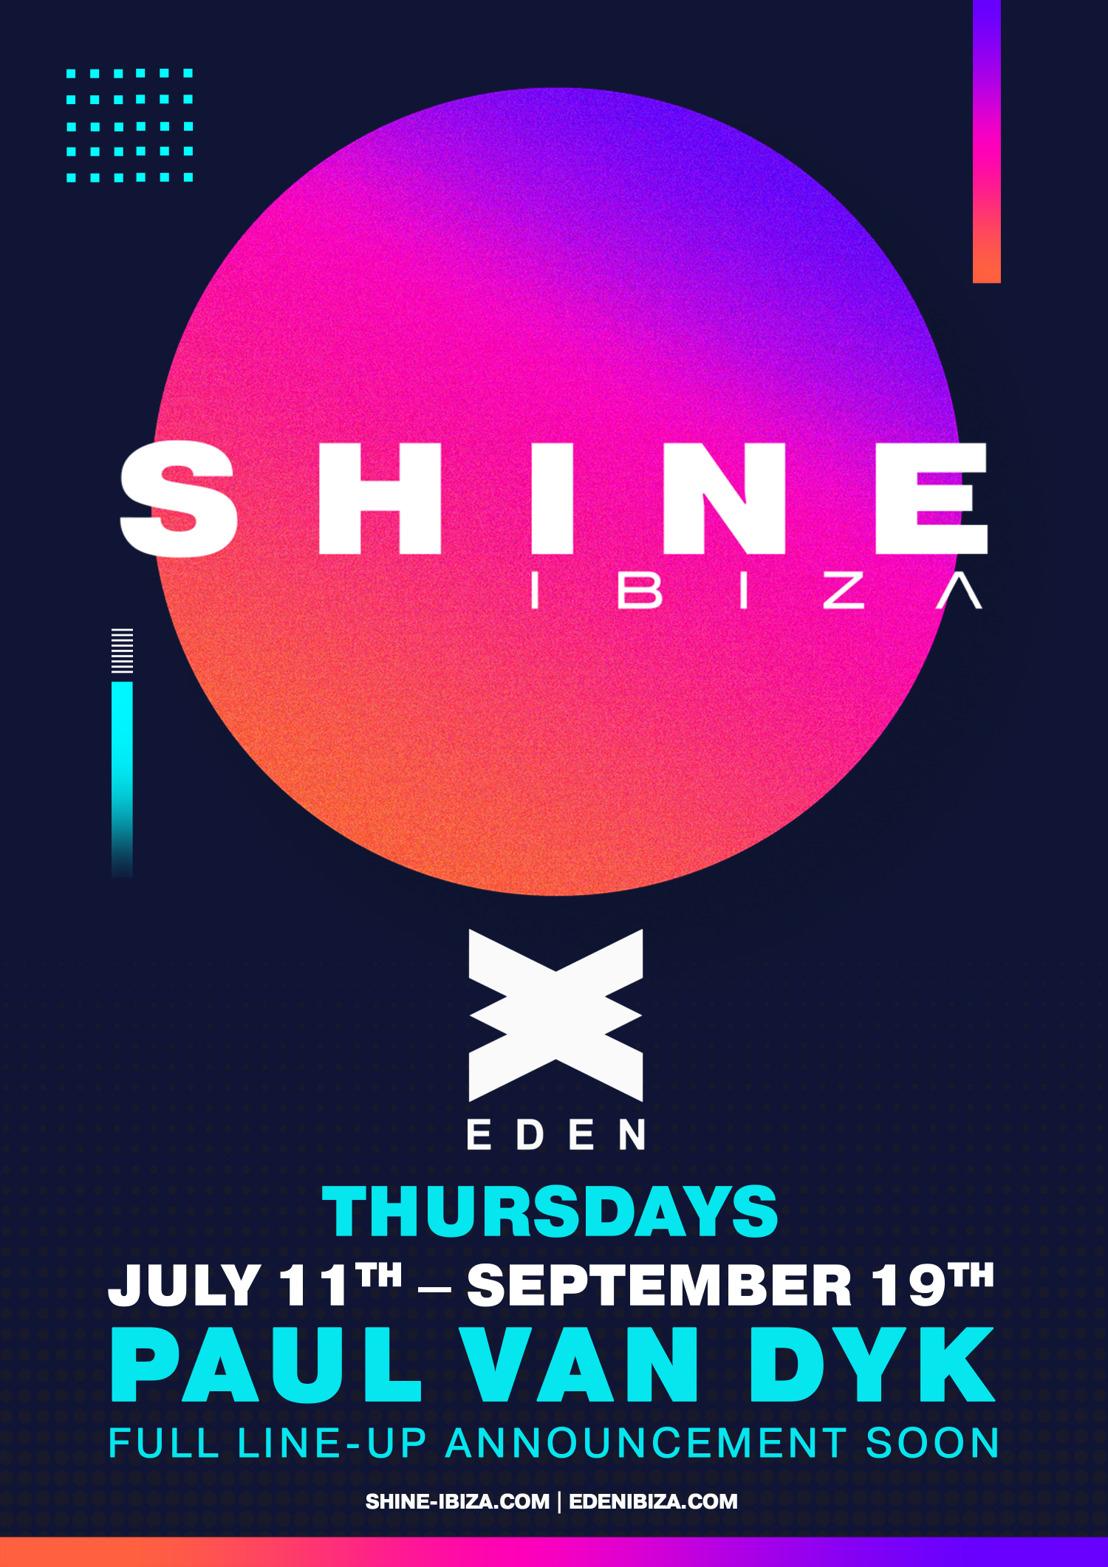 SHINE Ibiza 2019 Announcement